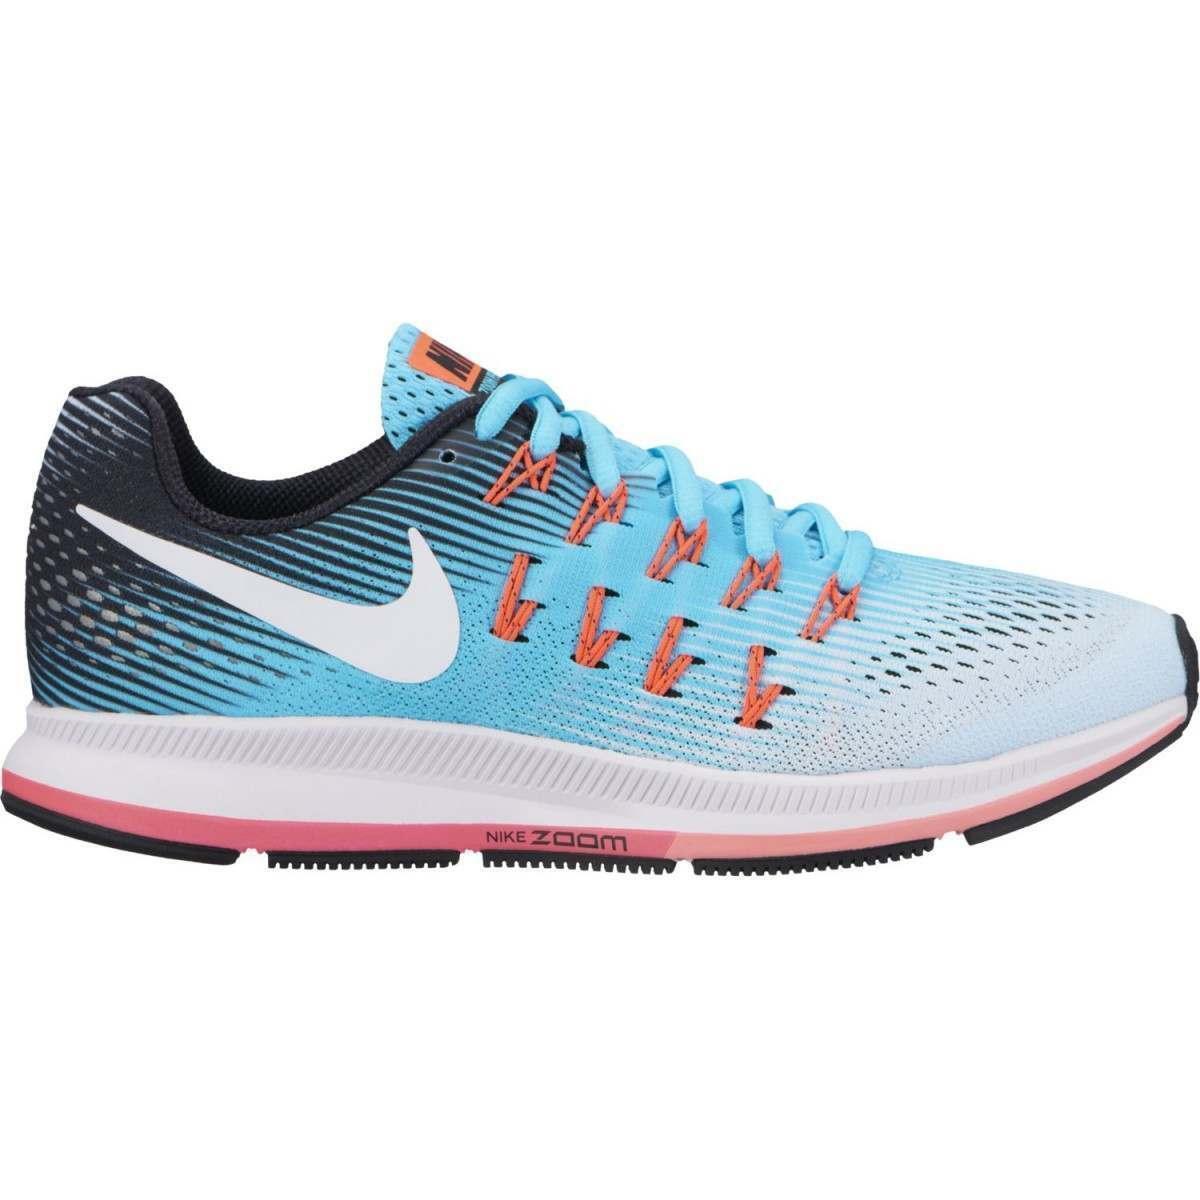 nike running pegasus zapatos, Blanco gris azul de los